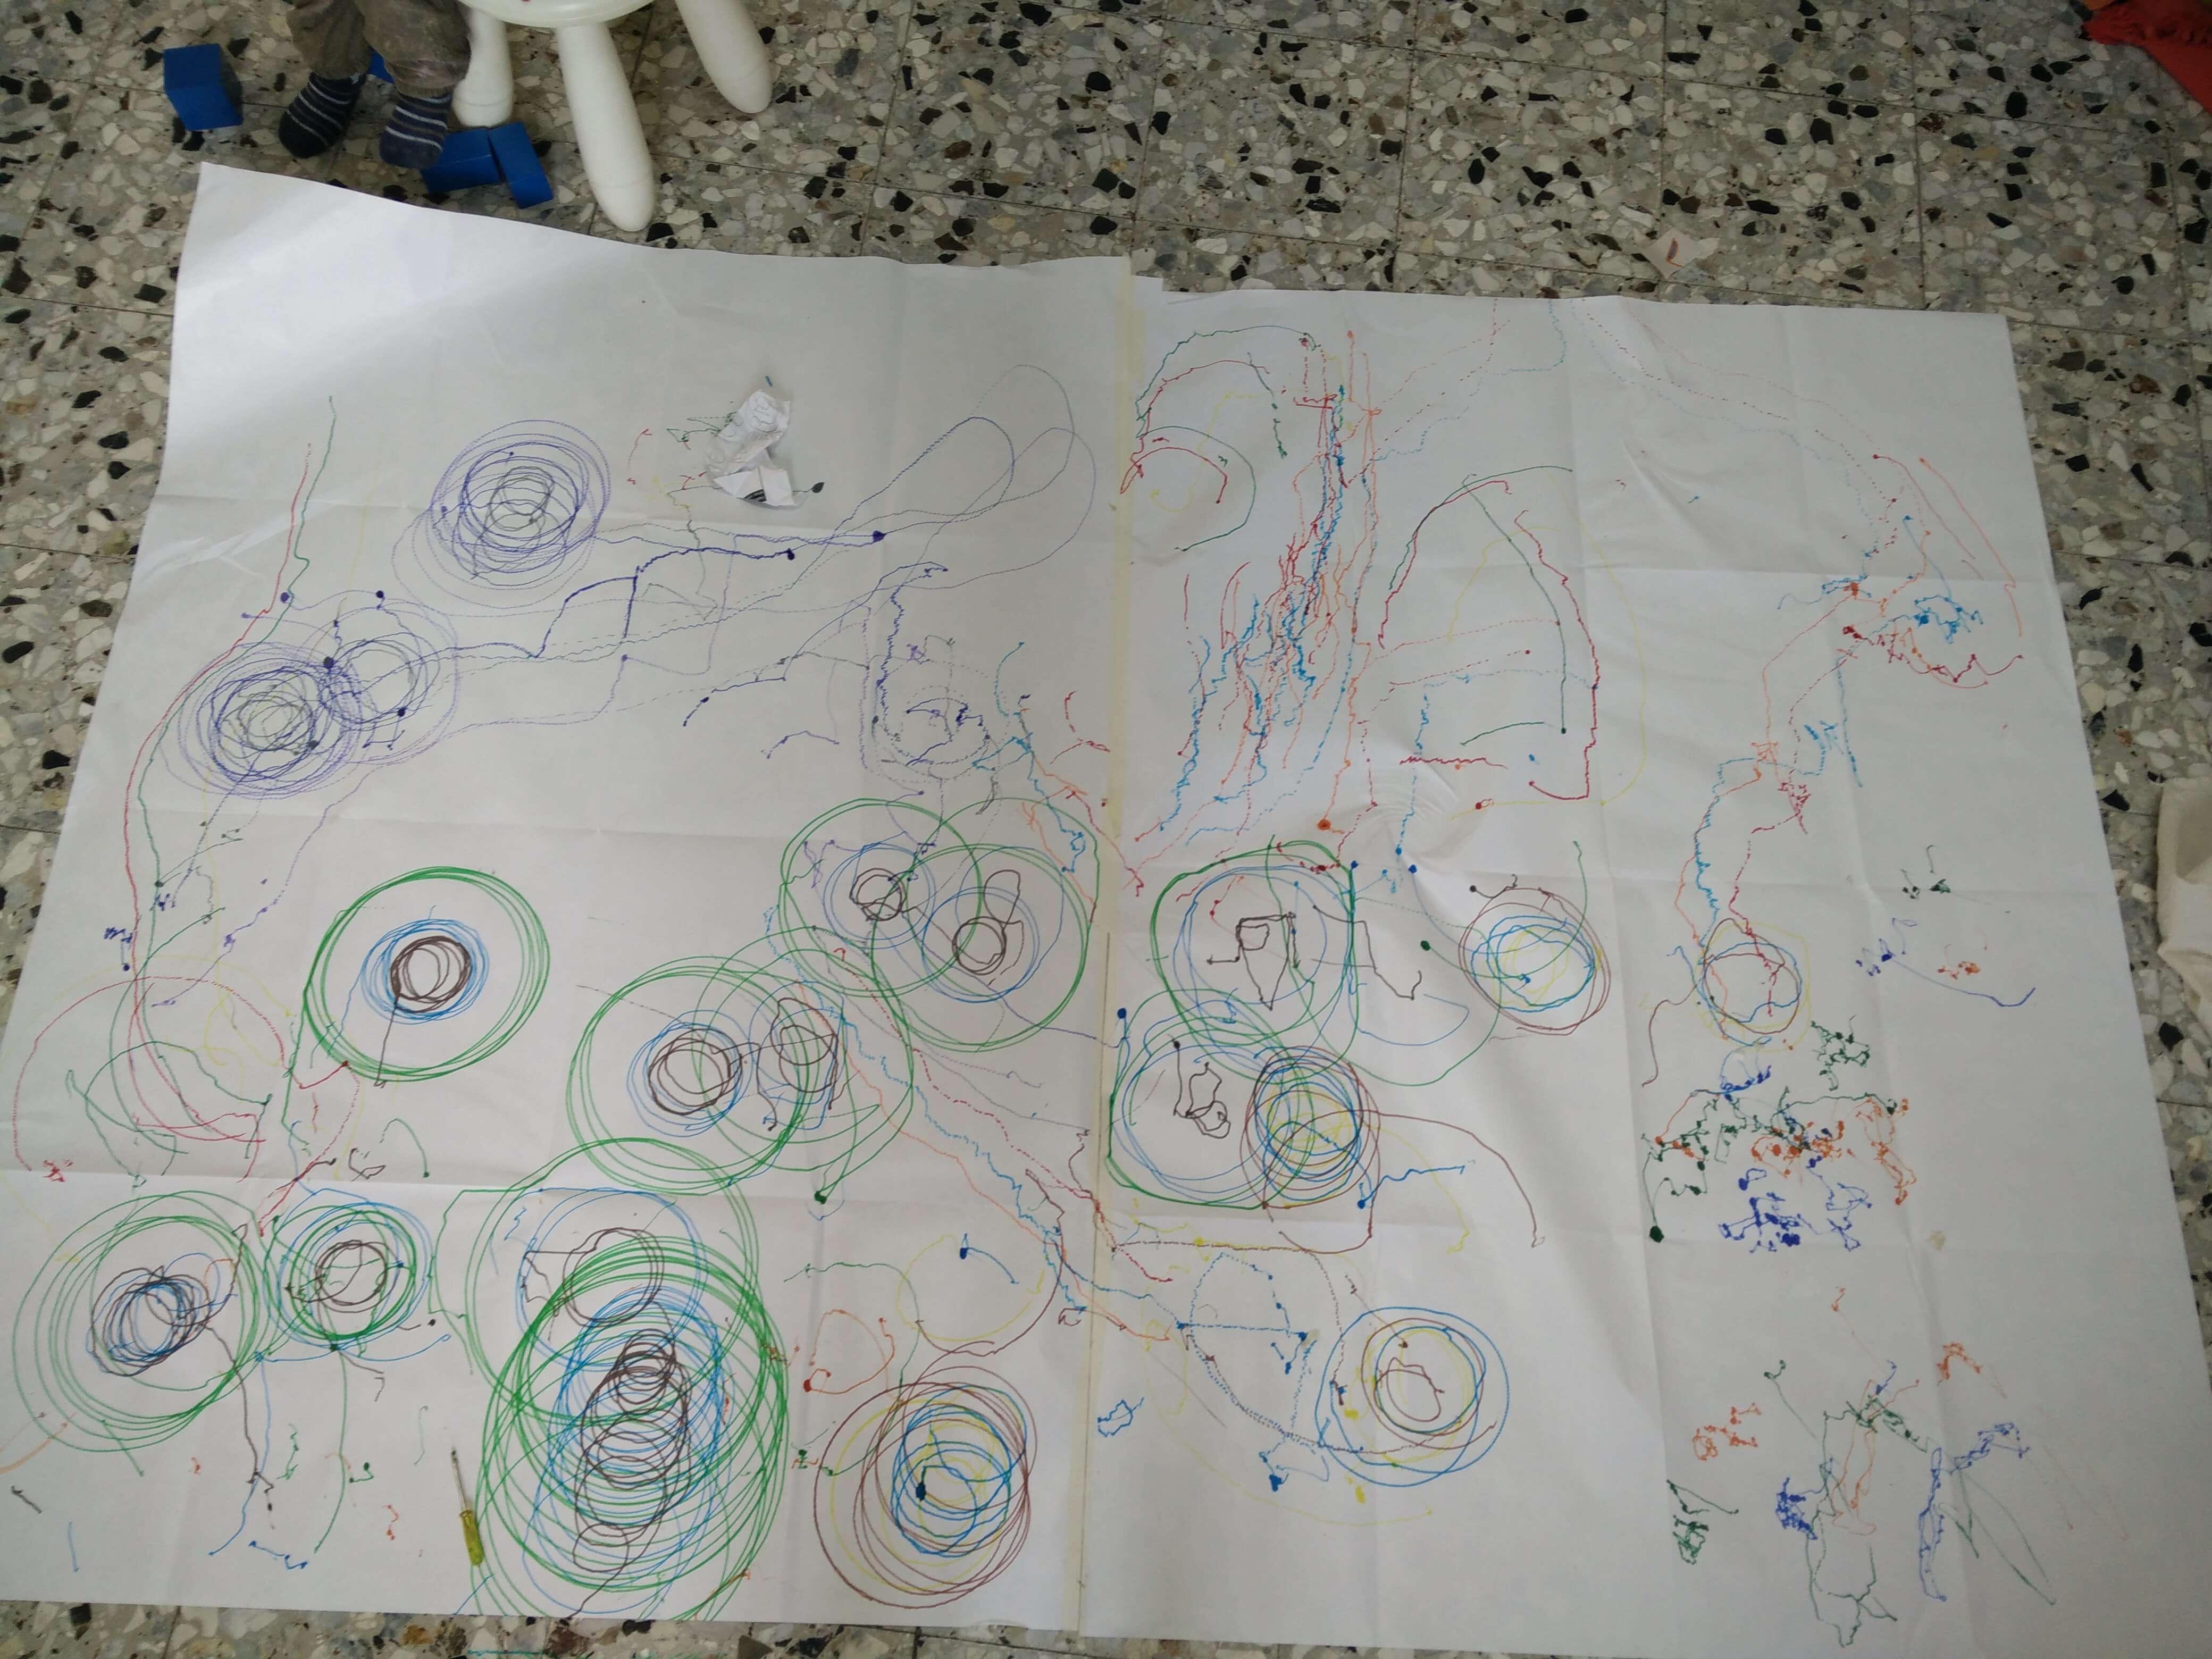 Costruire una macchina per disegnare (scribbling machine